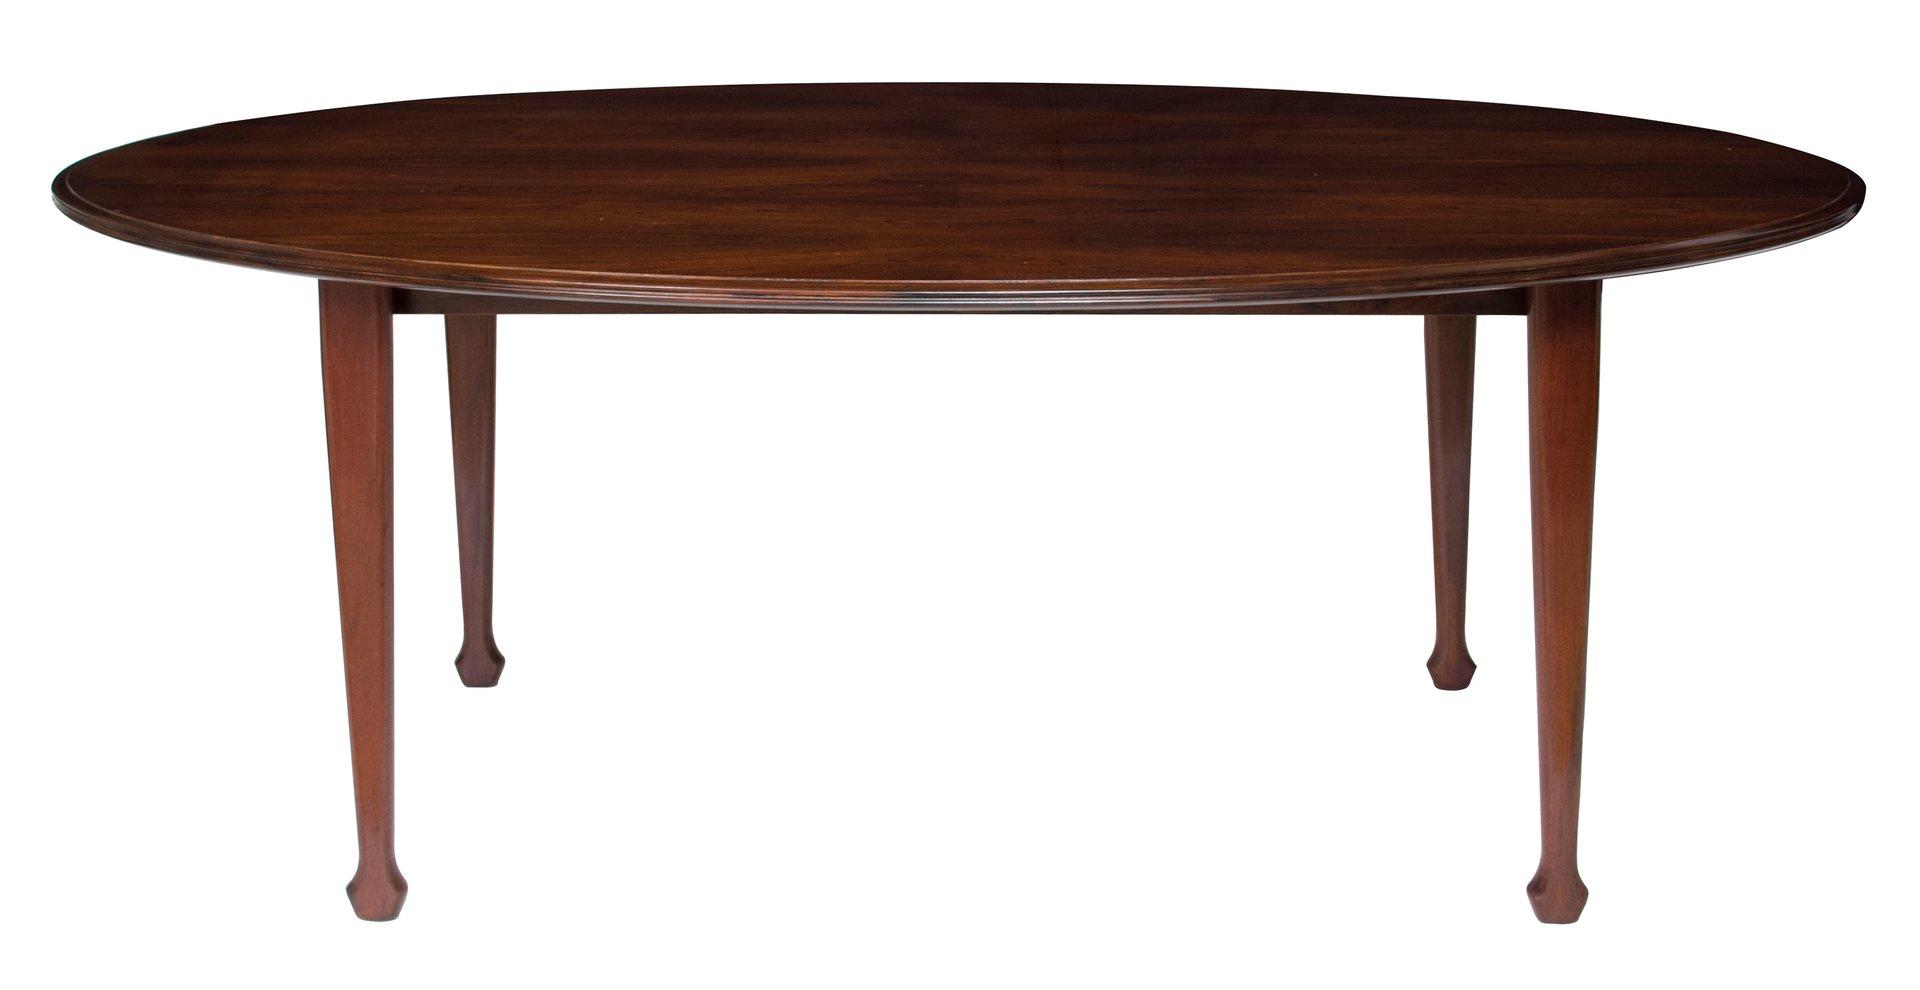 Ovaler Palisander Esstisch von Andrew J. Milne, 1960er